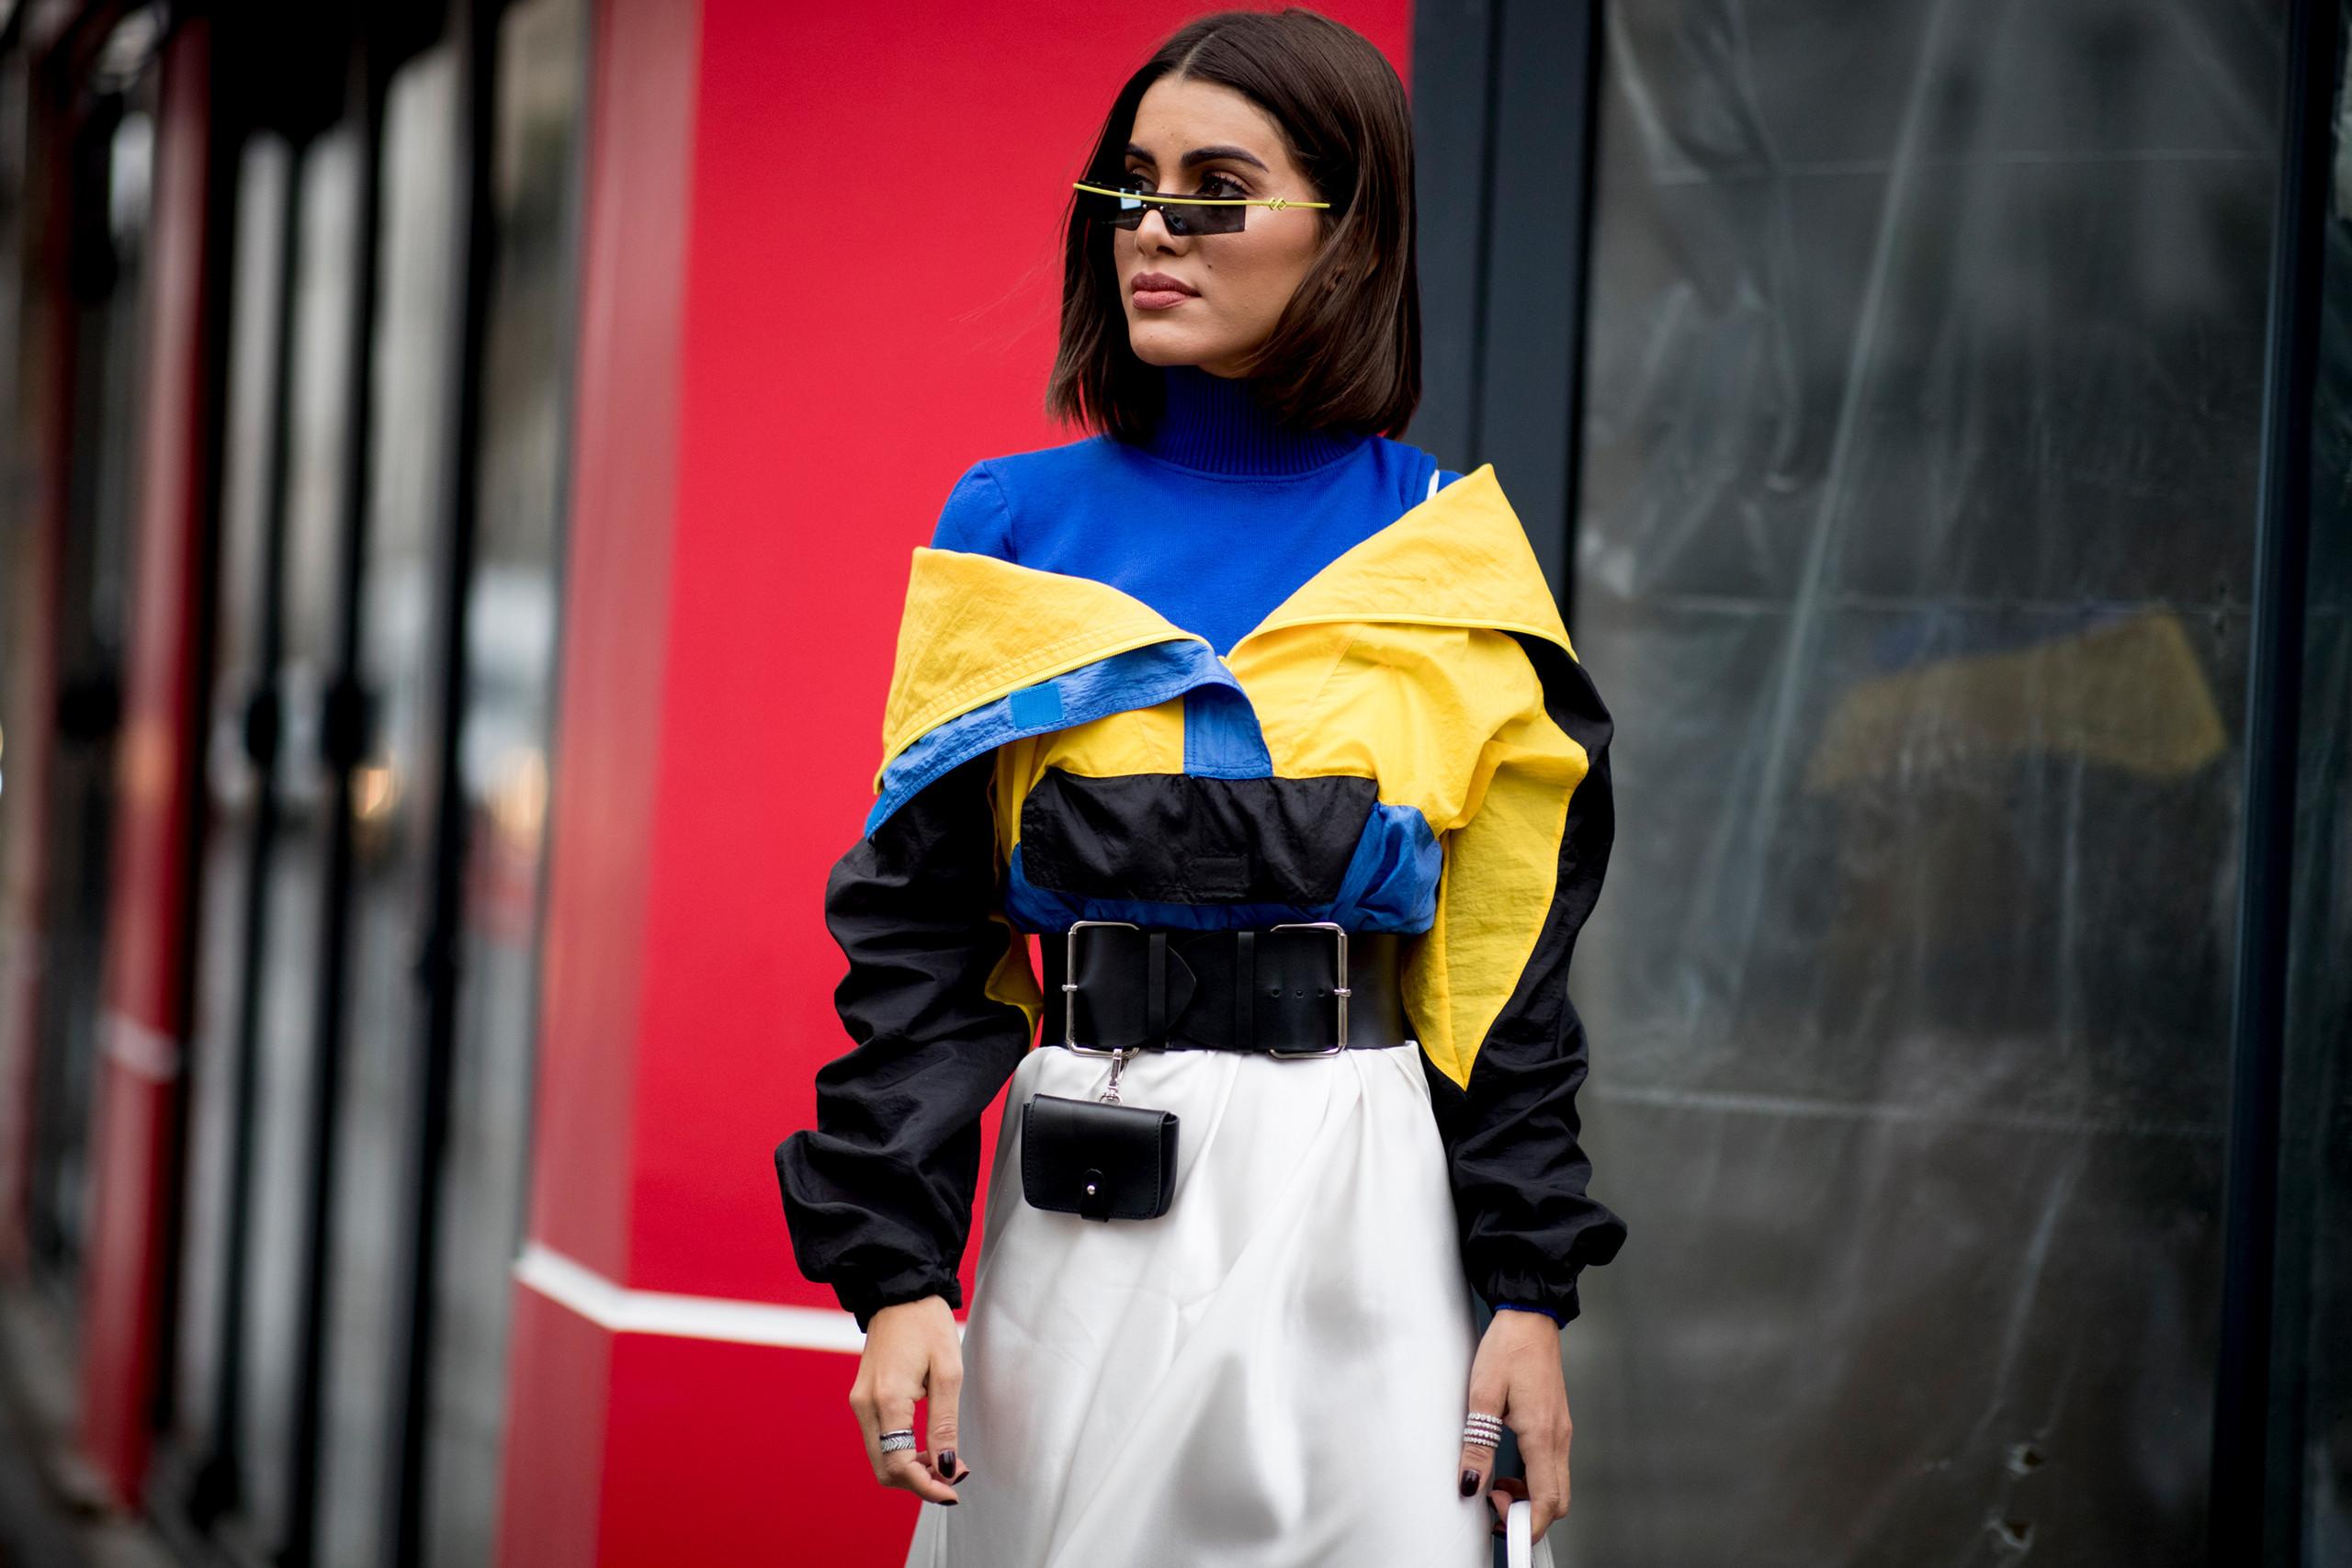 El street style lo dice  las sudaderas vintage nos llevan a la década de  los 80 en un abrir y cerrar de ojos 509868b3c01